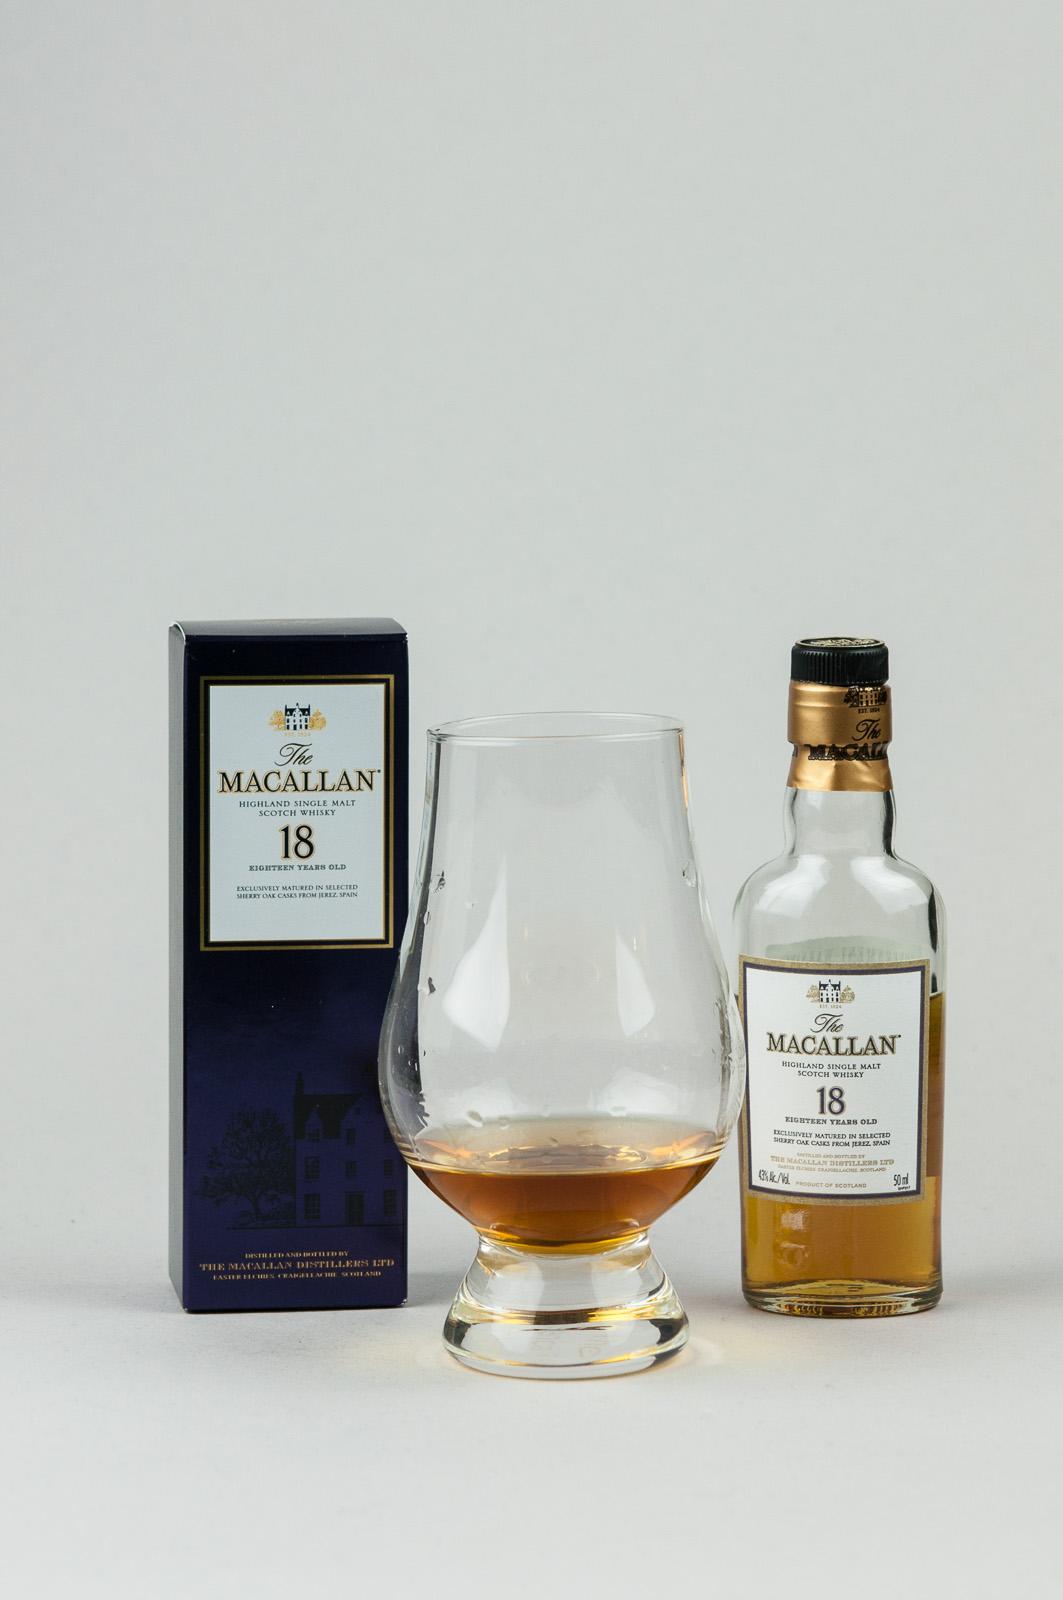 Macallan Scotch Whisky Reviews - Best Macallan - Connosr